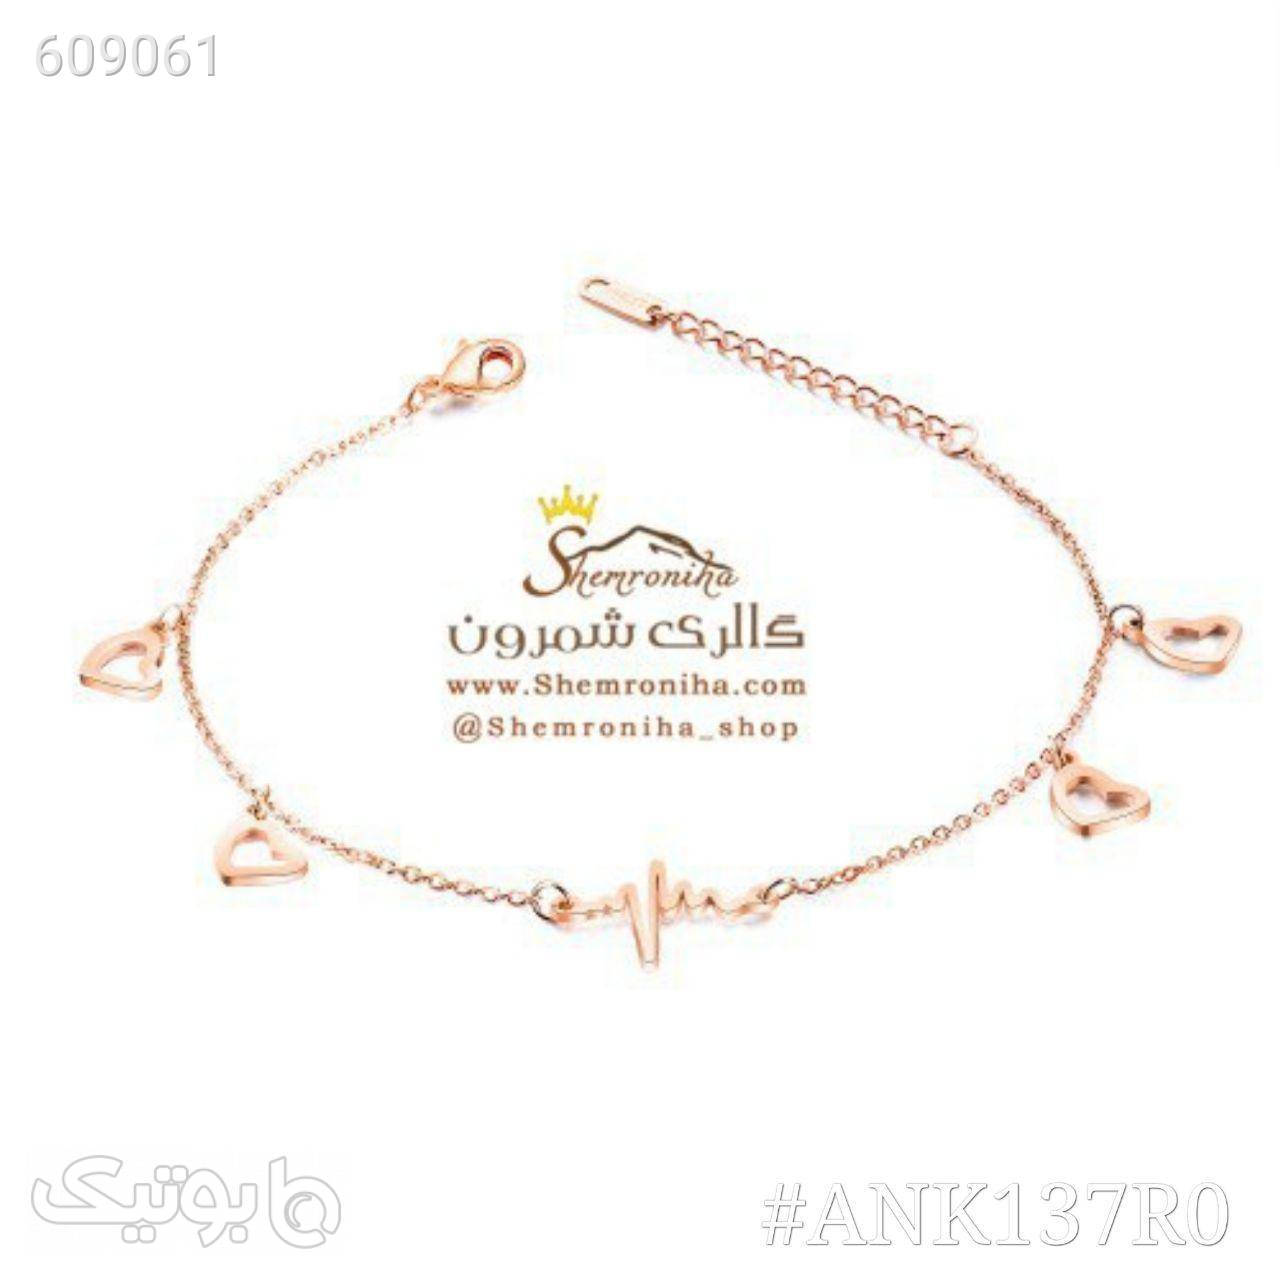 پابند قلب و ضربان قلب رزگلد ANK137R0 نارنجی دستبند و پابند